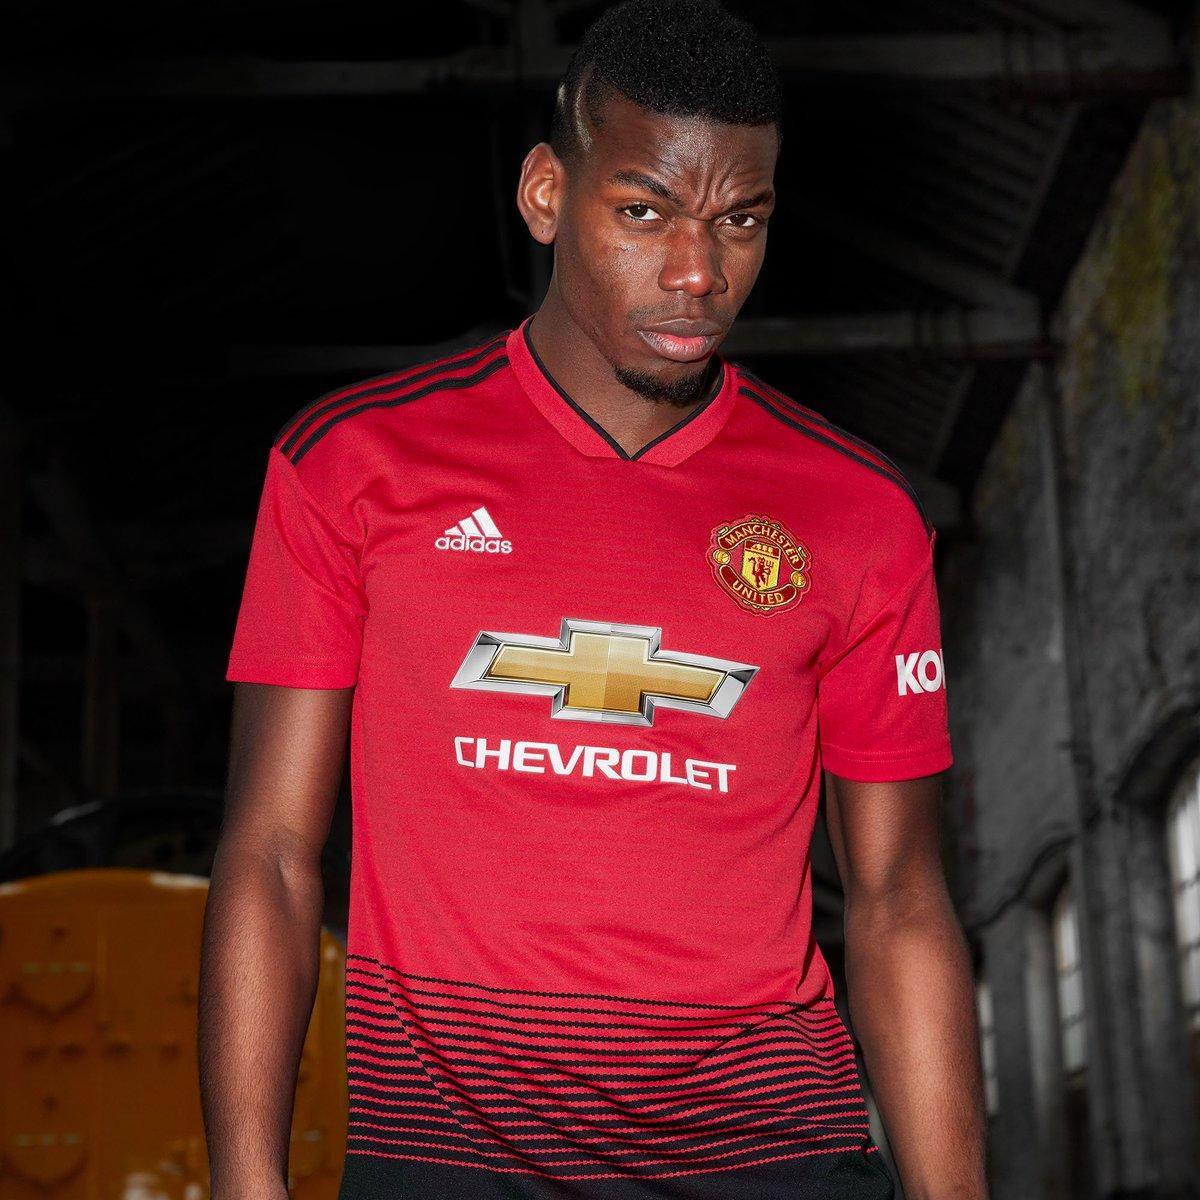 Maillot Domicile Manchester United Paul Pogba